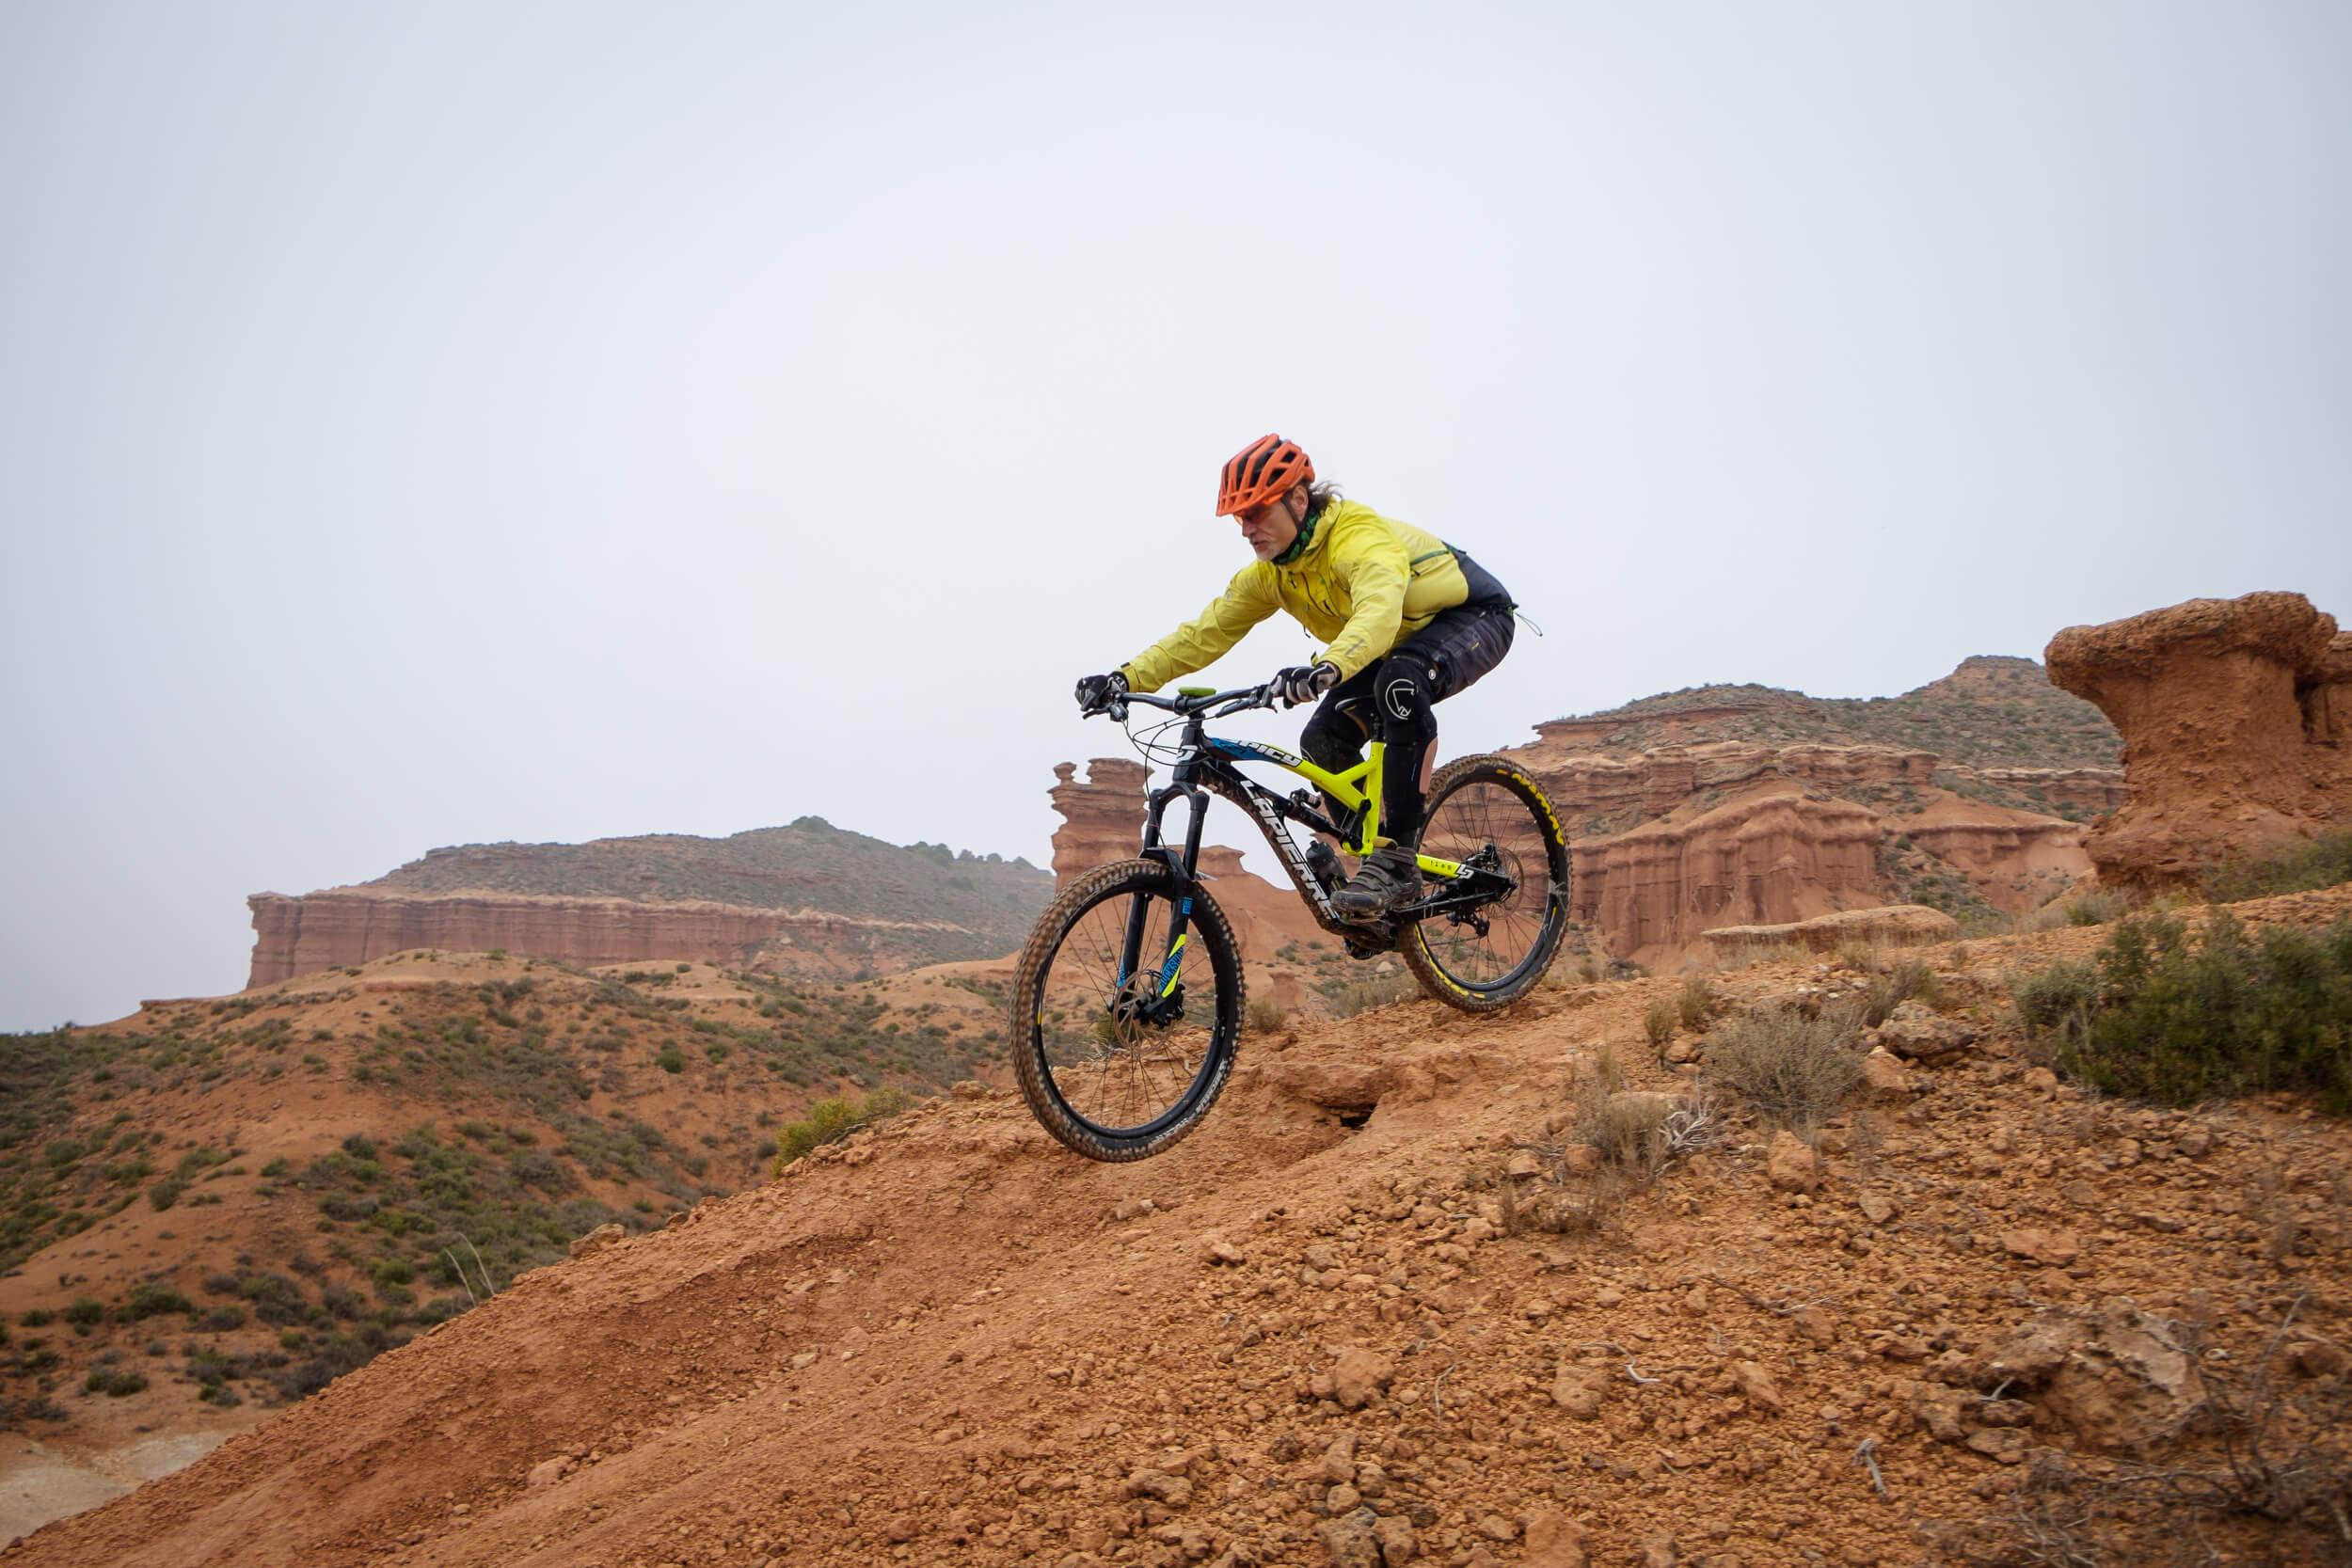 Mountain_biking_spanish_utah06